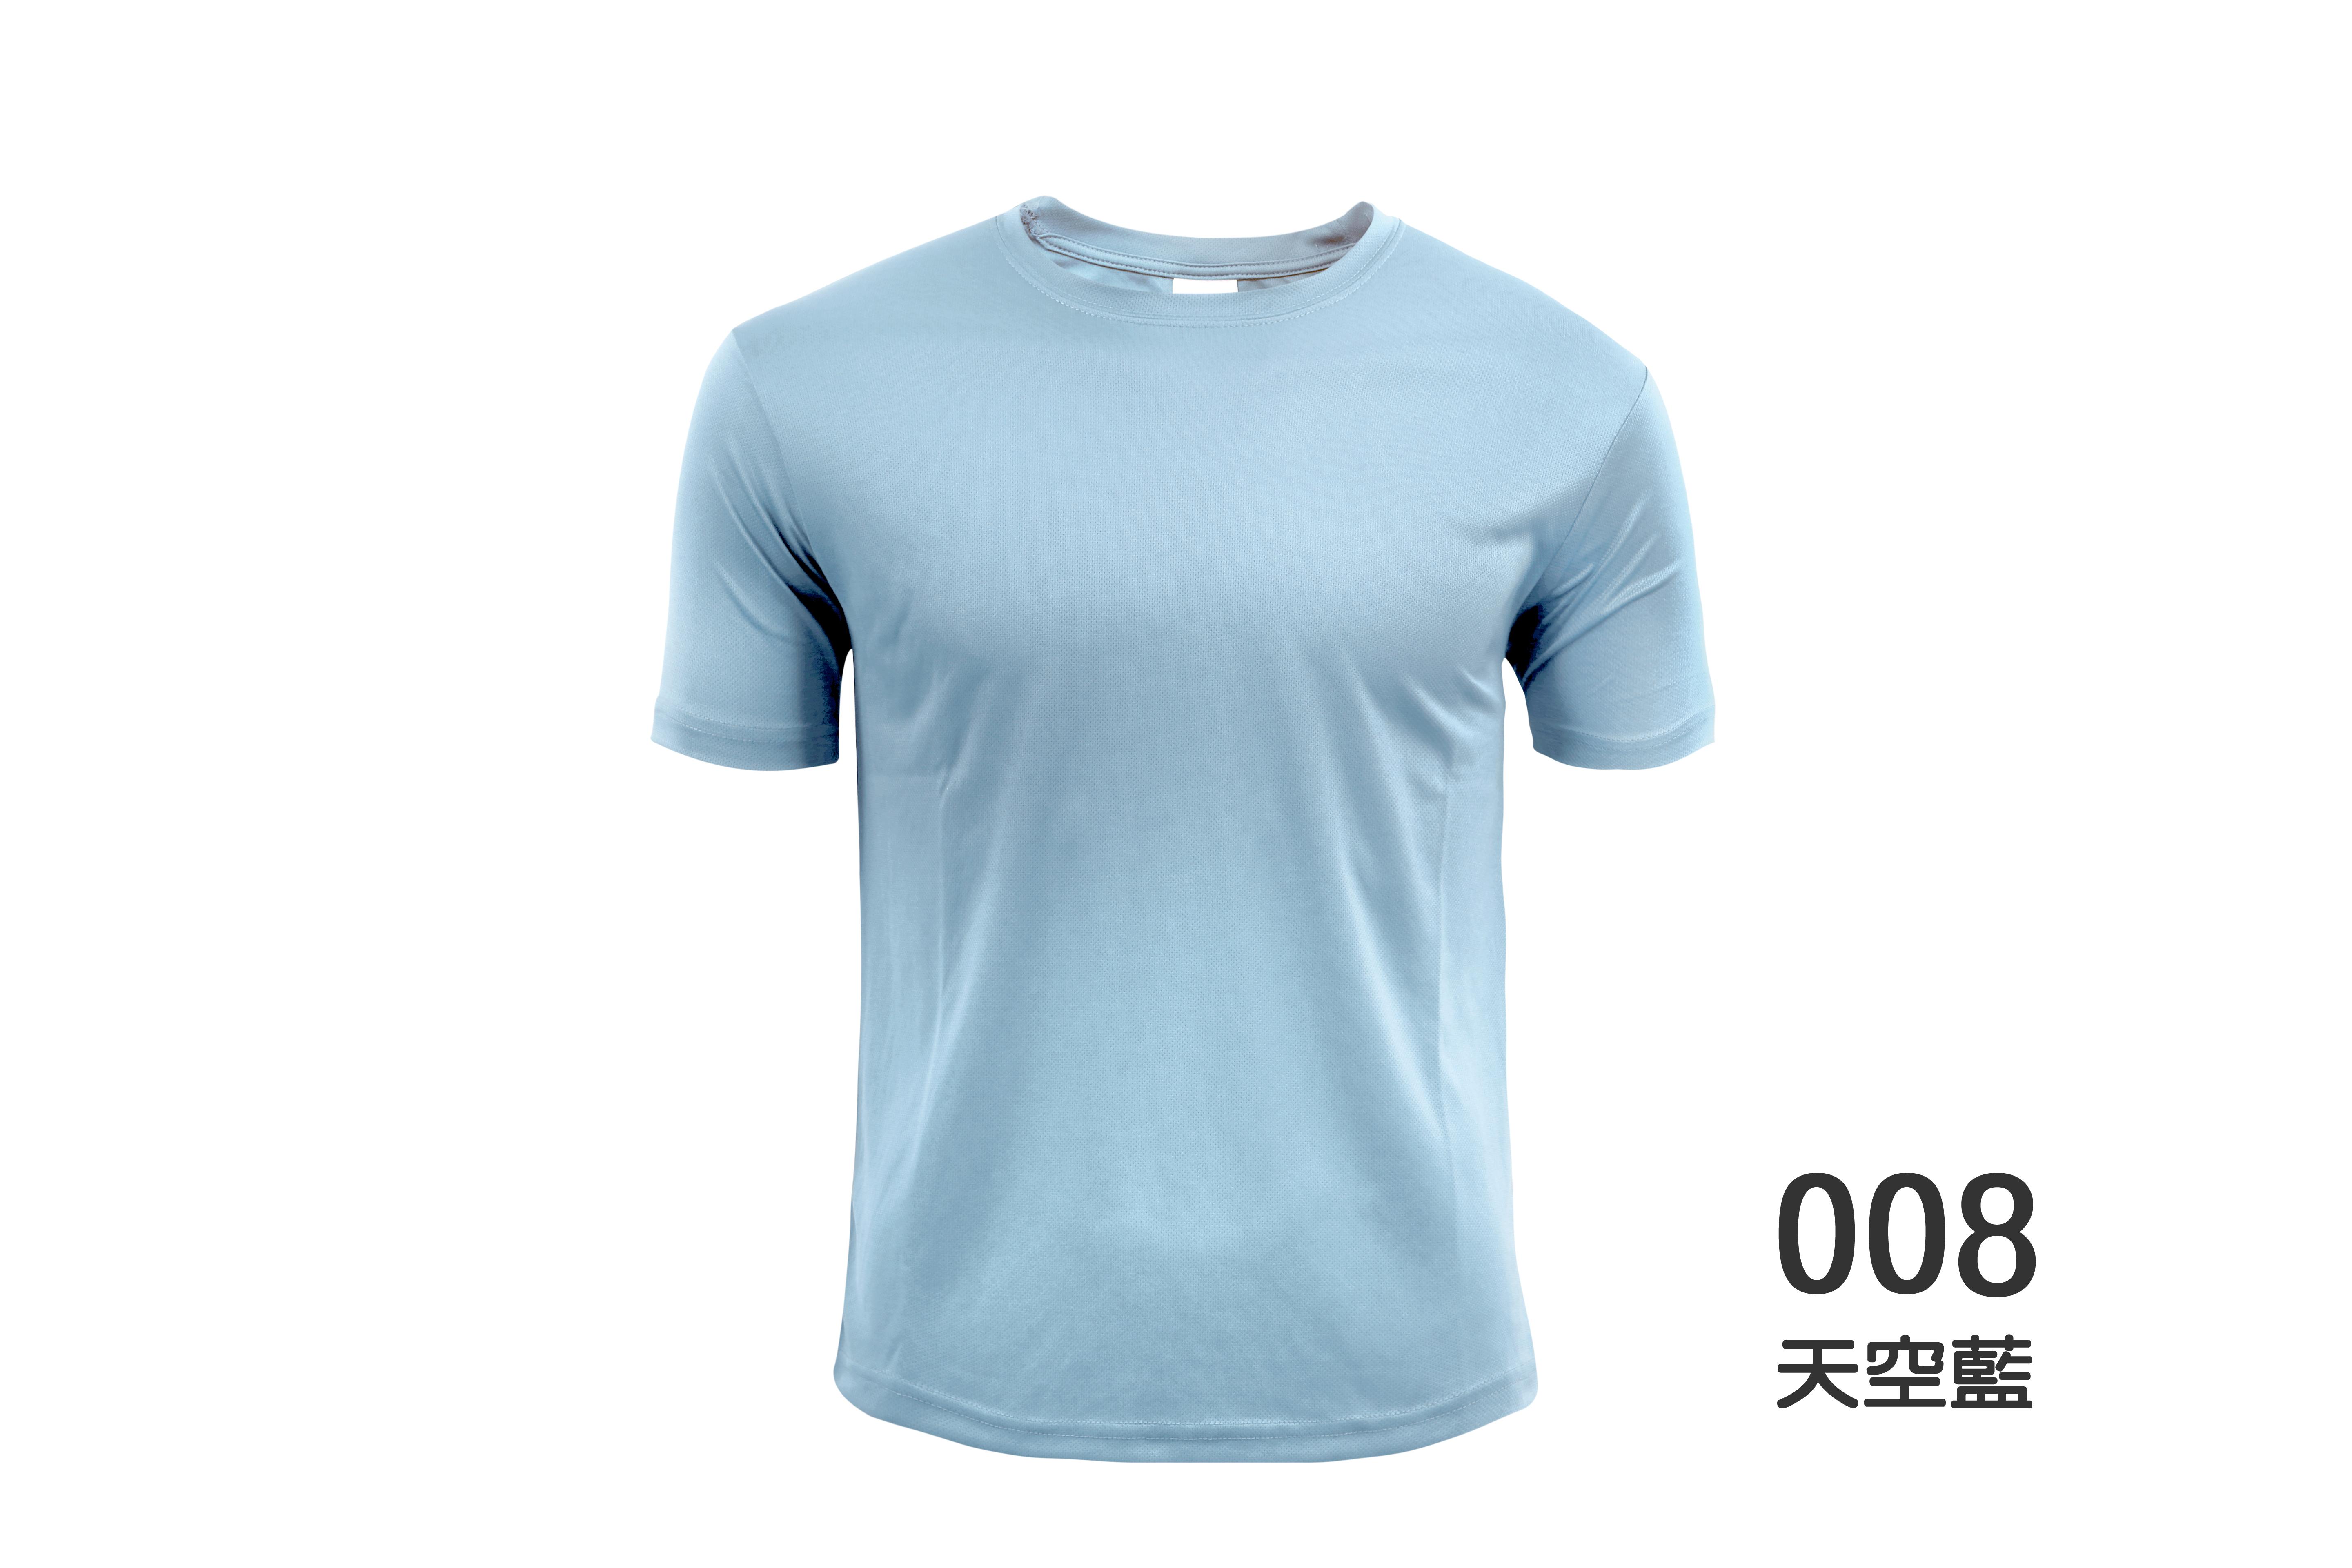 008天空藍-1-01